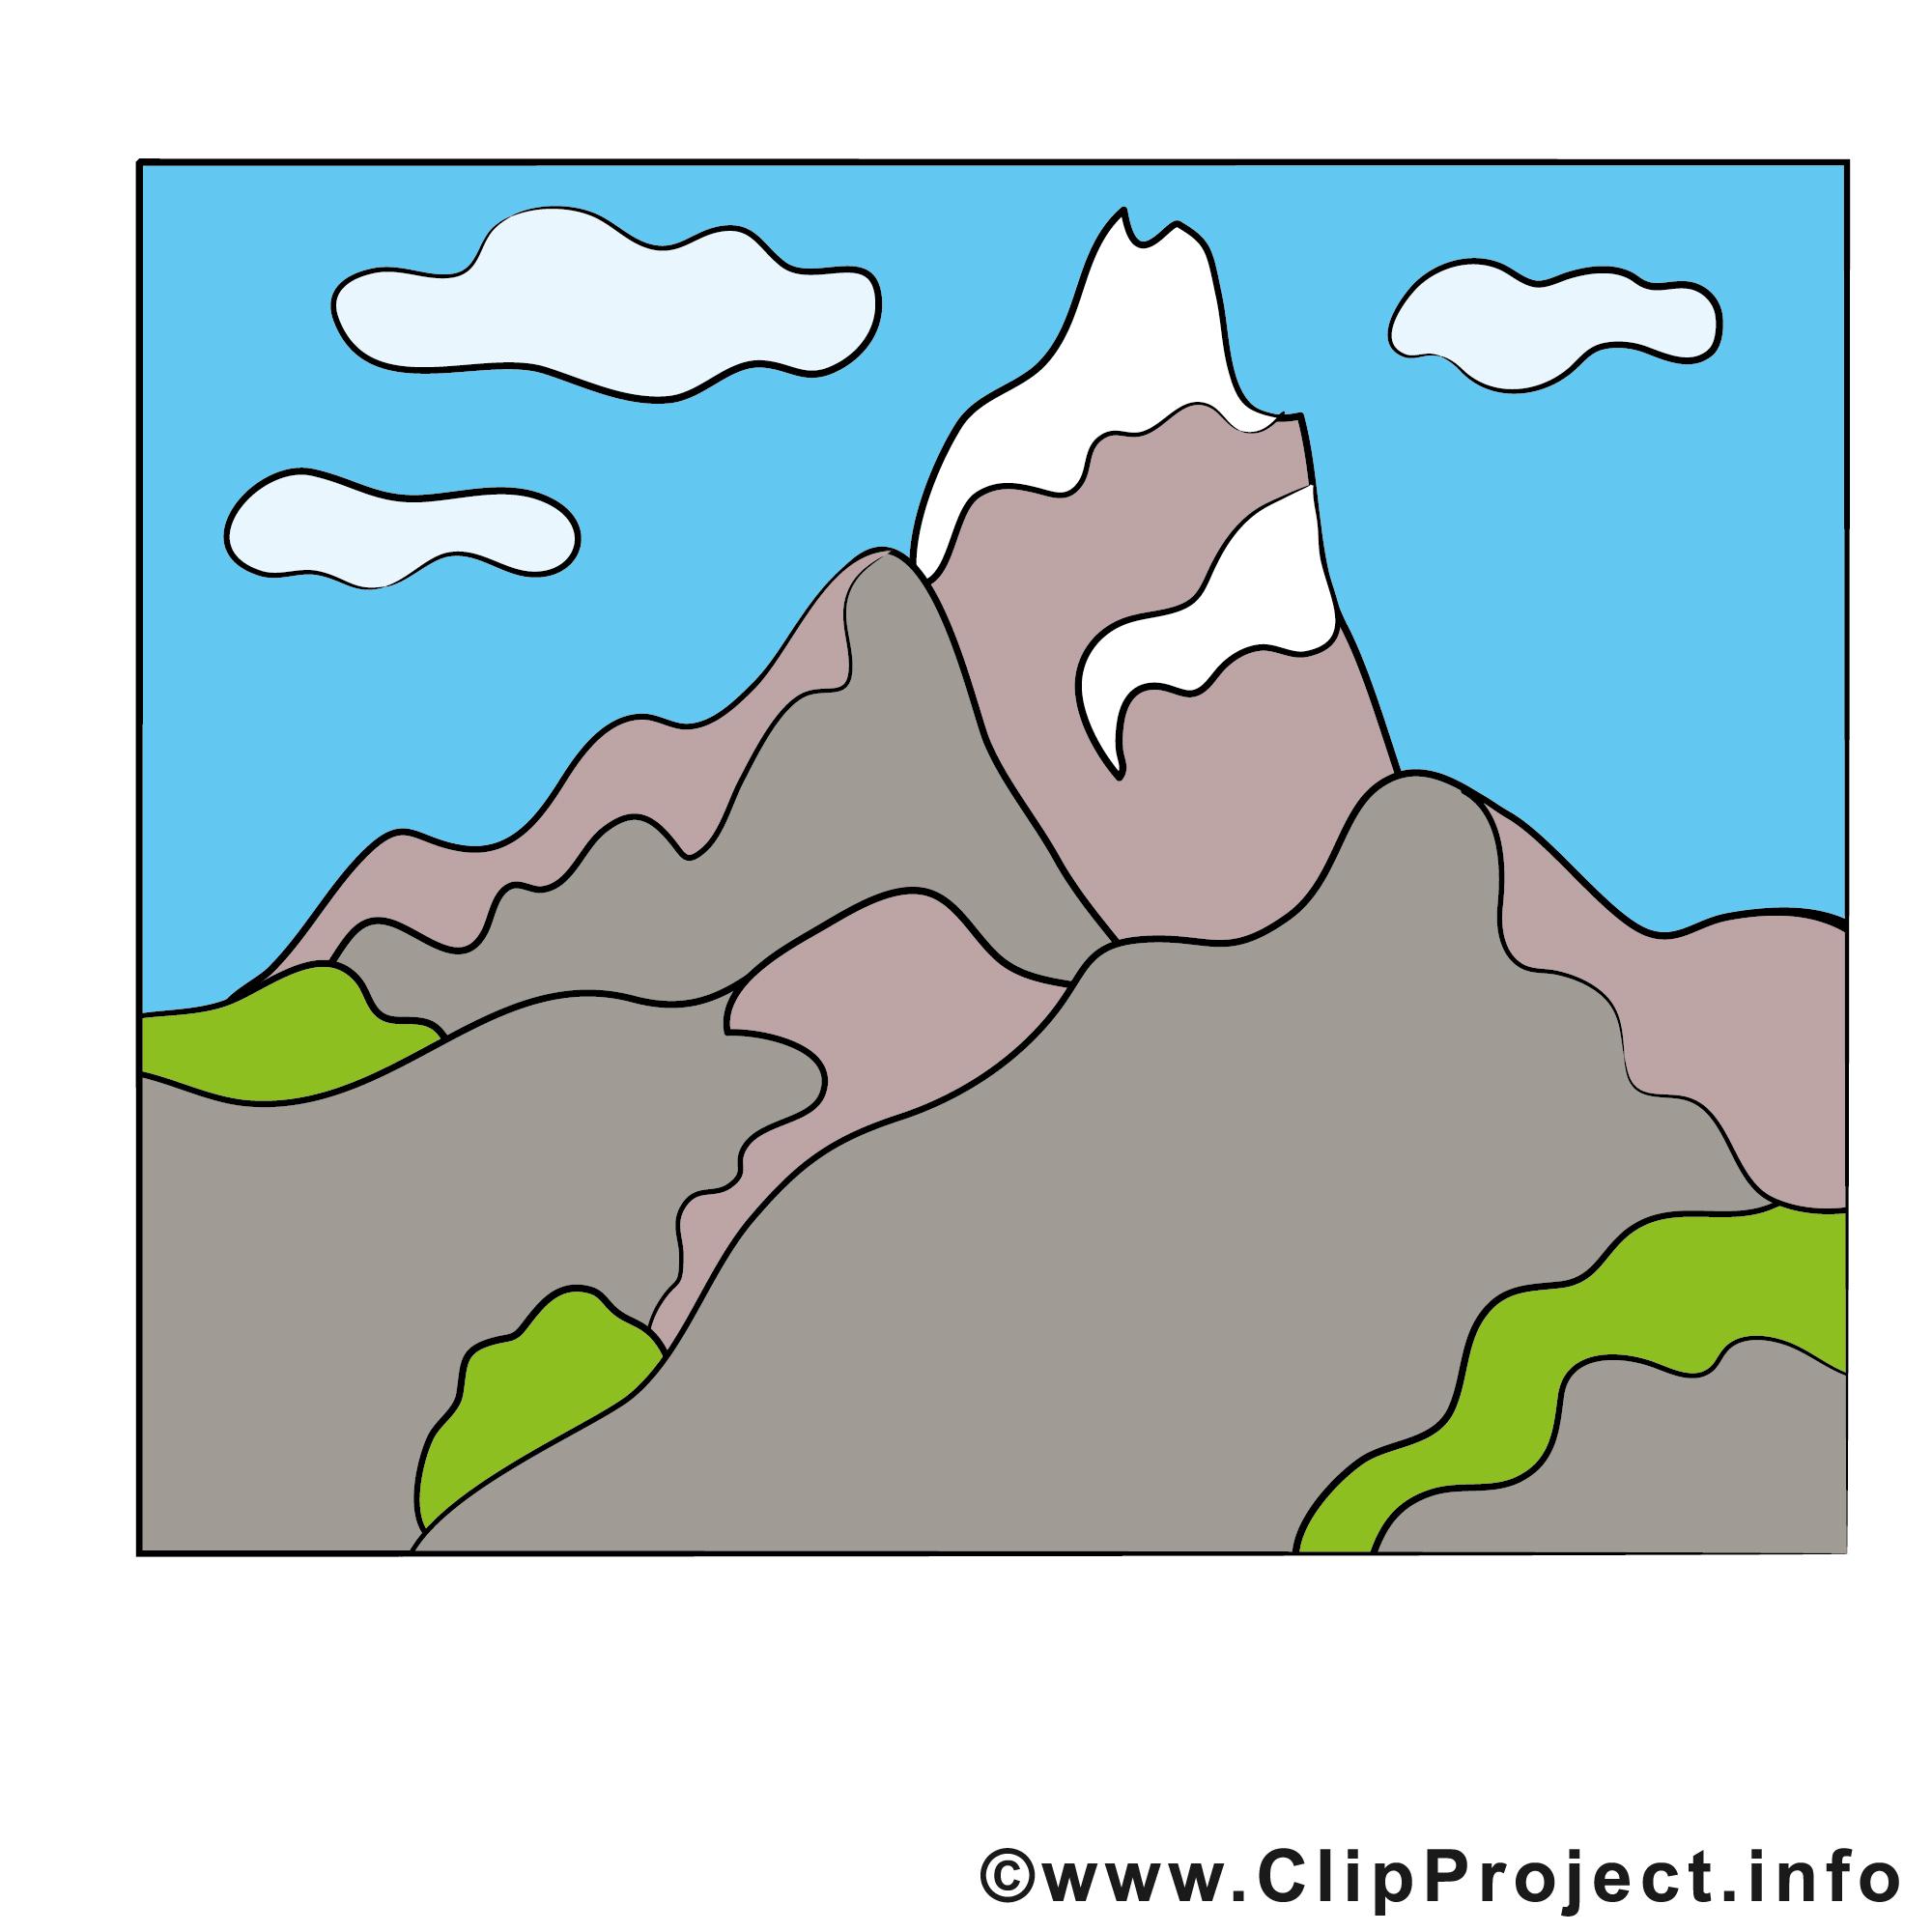 Montagne Clipart Gratuit Ciel Images Divers Dessin Picture Image Graphic Clip Art Telecharger Gratuit